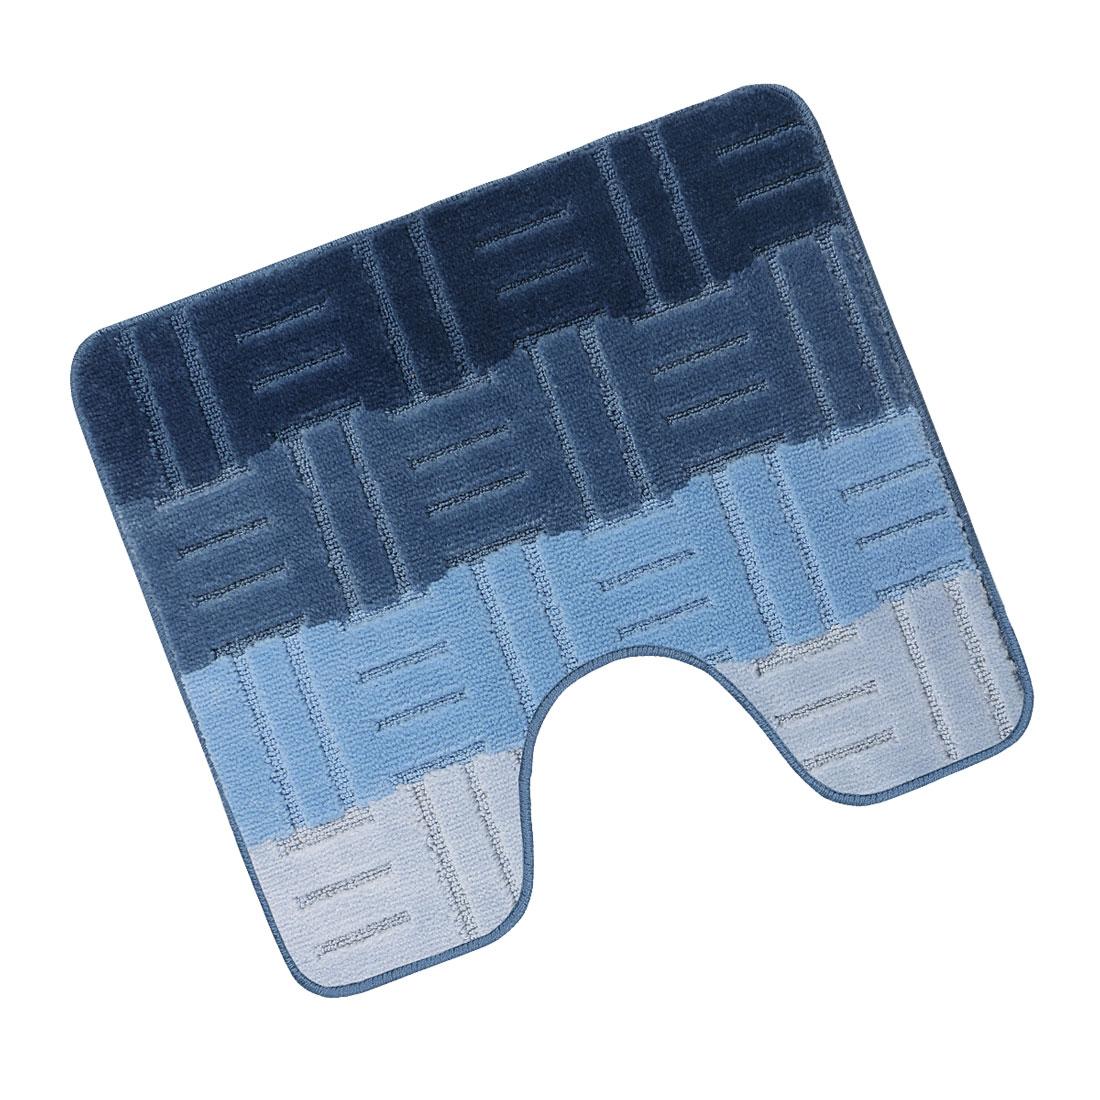 Předložka Elli před WC 60x50cm Tarma modrá